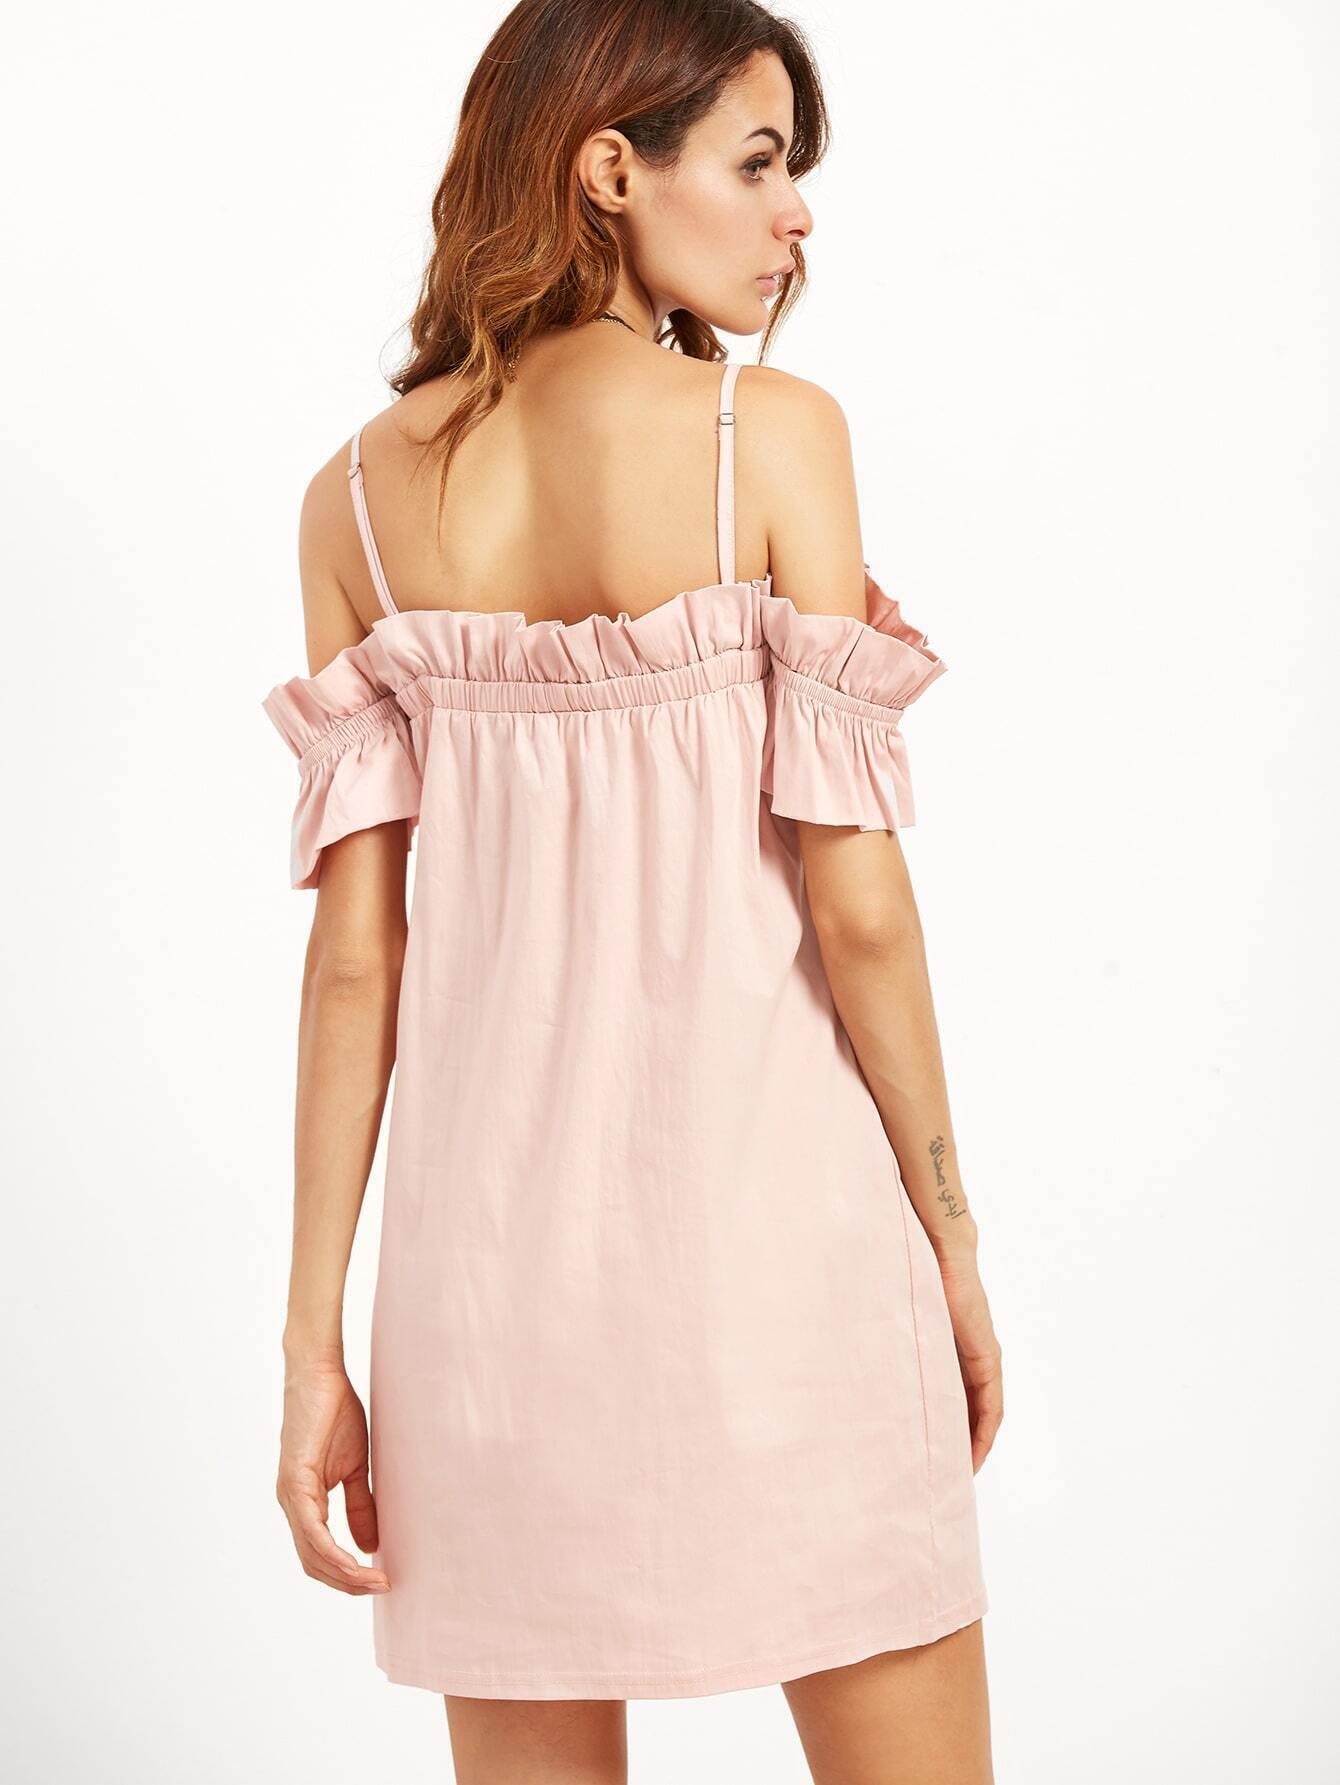 dress160831454_2